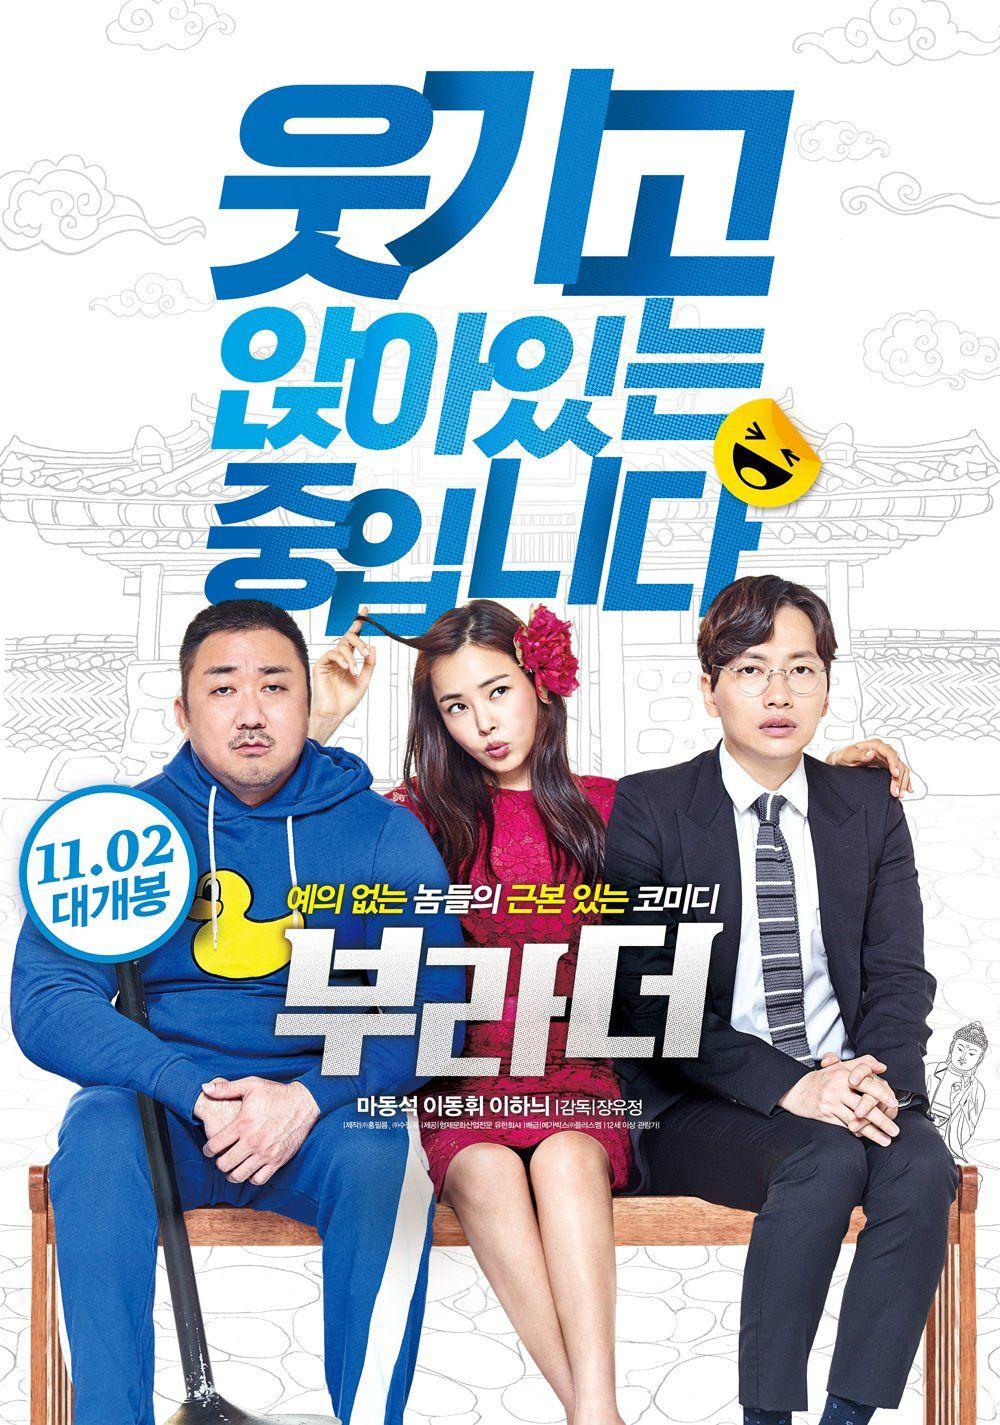 兄弟 The Bros in 2020 Korean drama, Bros, Film